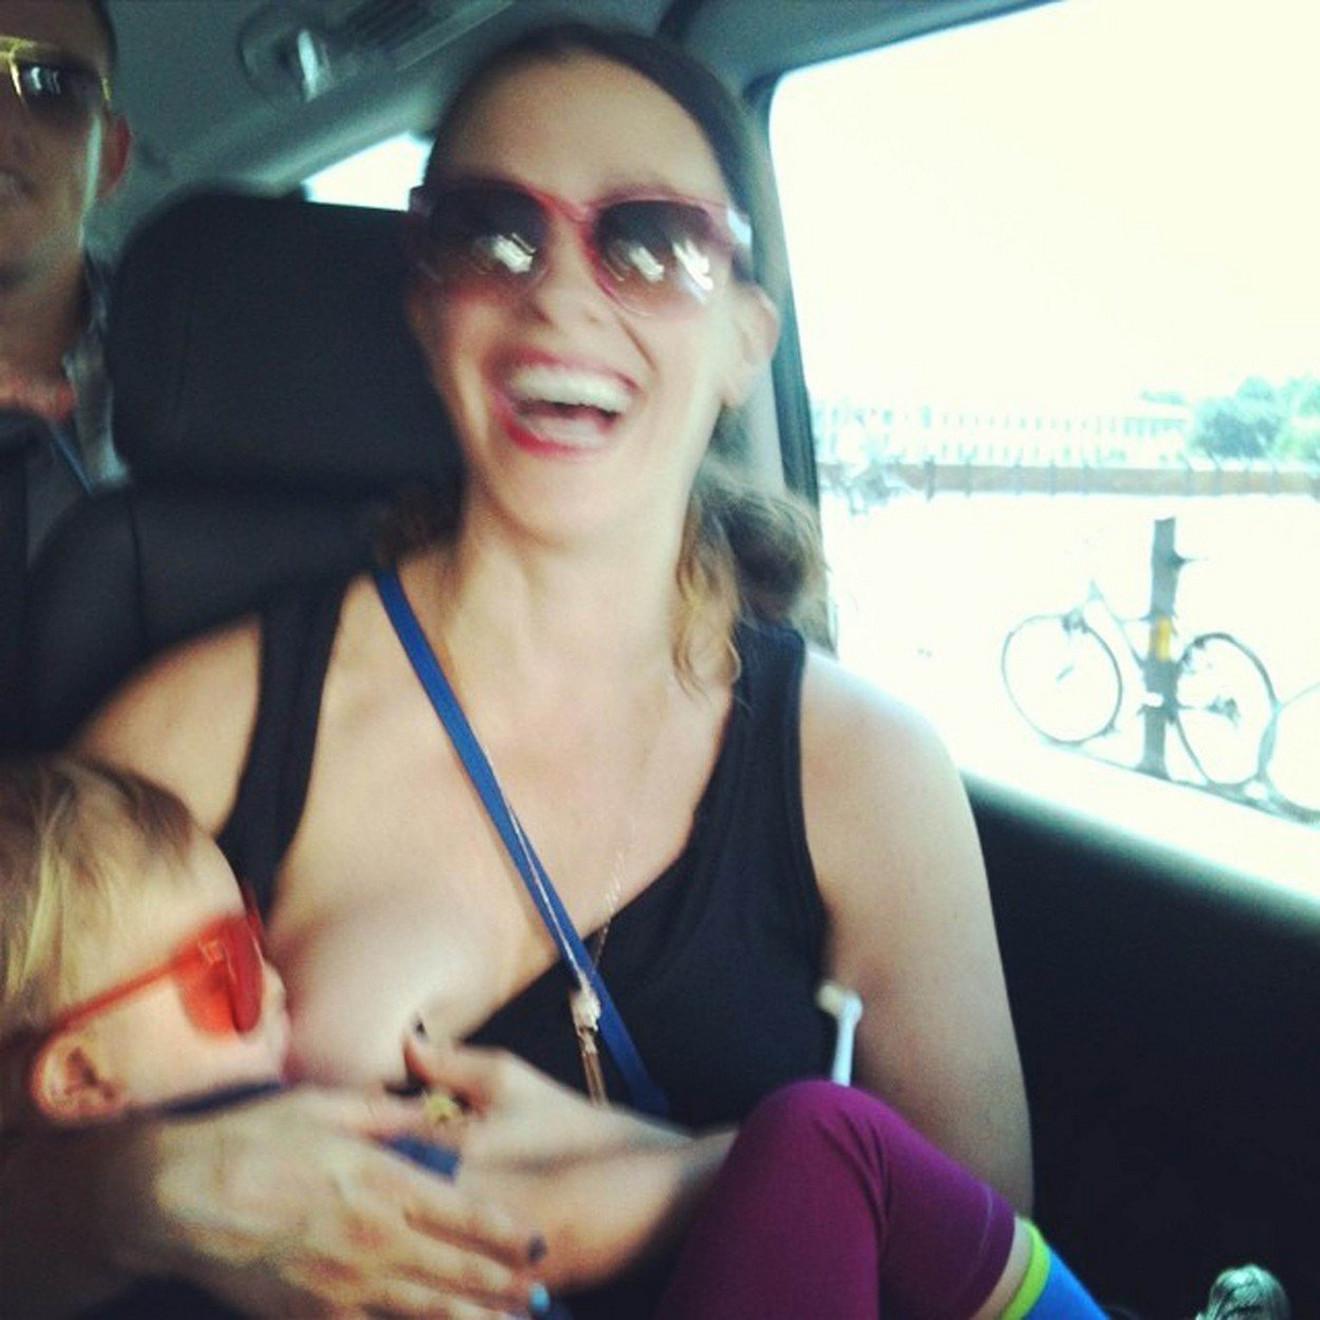 Alanis Moriset je i u toku putovanja dojila svog sina